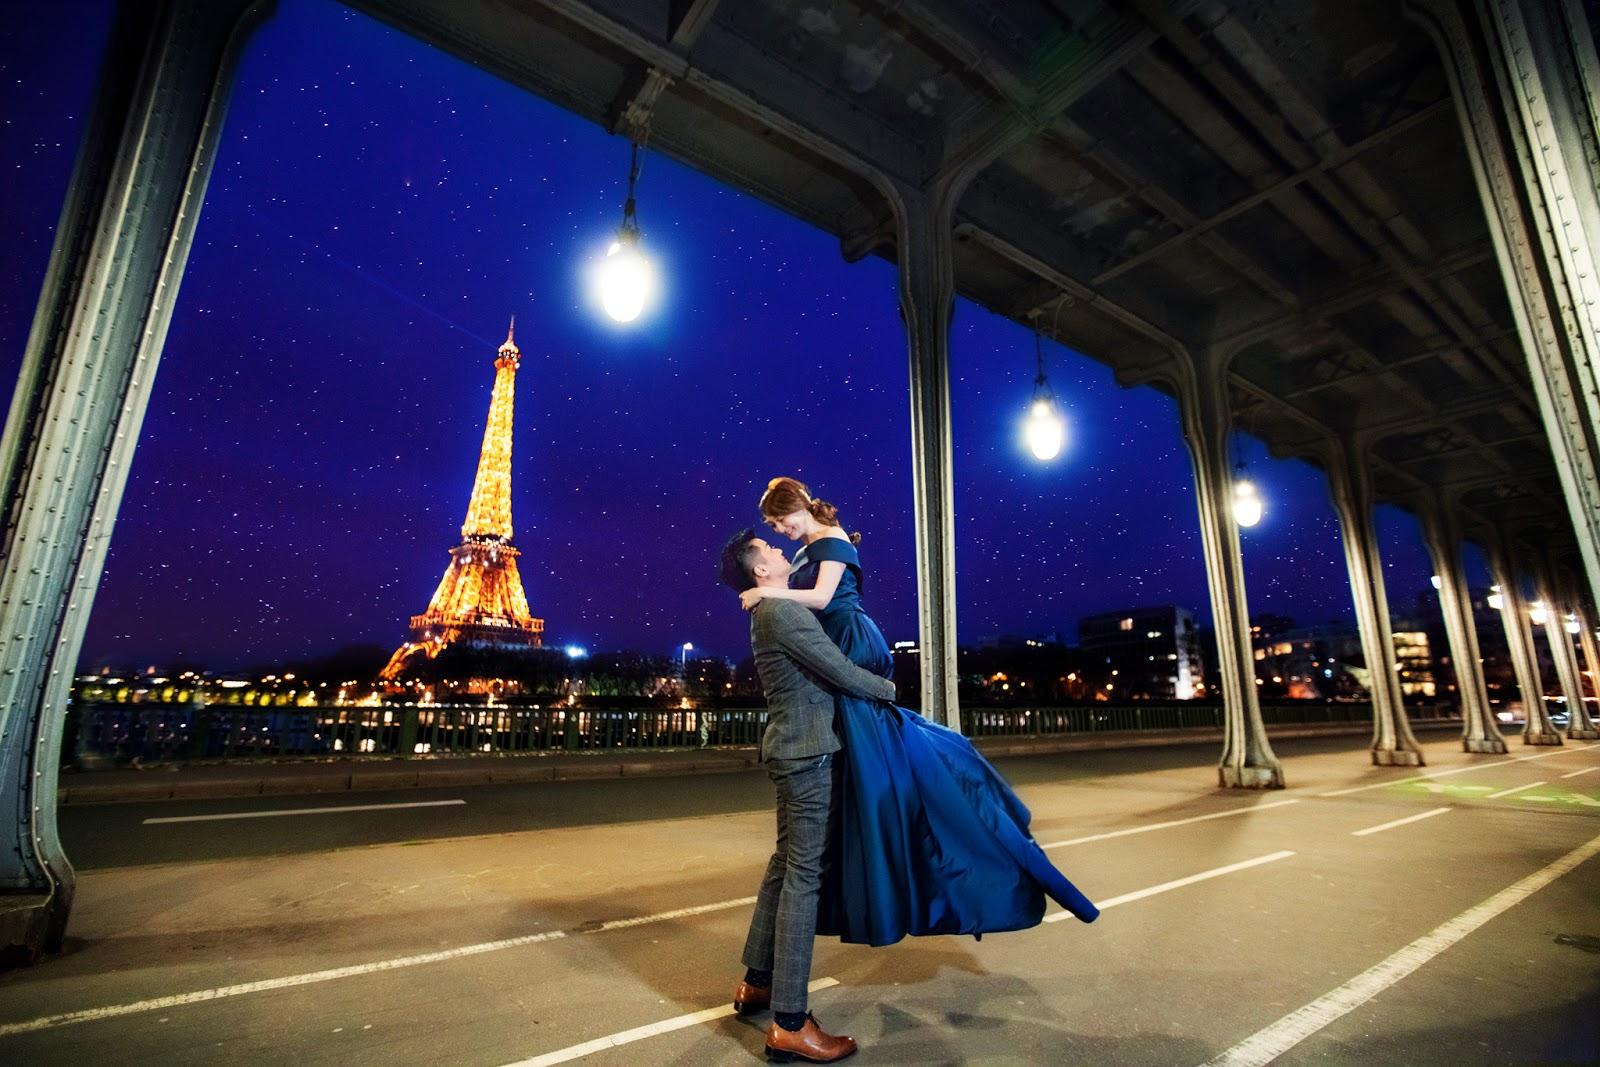 羅浮宮婚紗 巴黎聖母院 聖心堂 巴黎歌劇院 蒙馬特 海外自助婚紗推薦 私密拍攝景點 羅浮宮 亞力三大三世橋 羅浮宮夜拍 巴黎櫻花婚紗 PARIS PREWEDDING